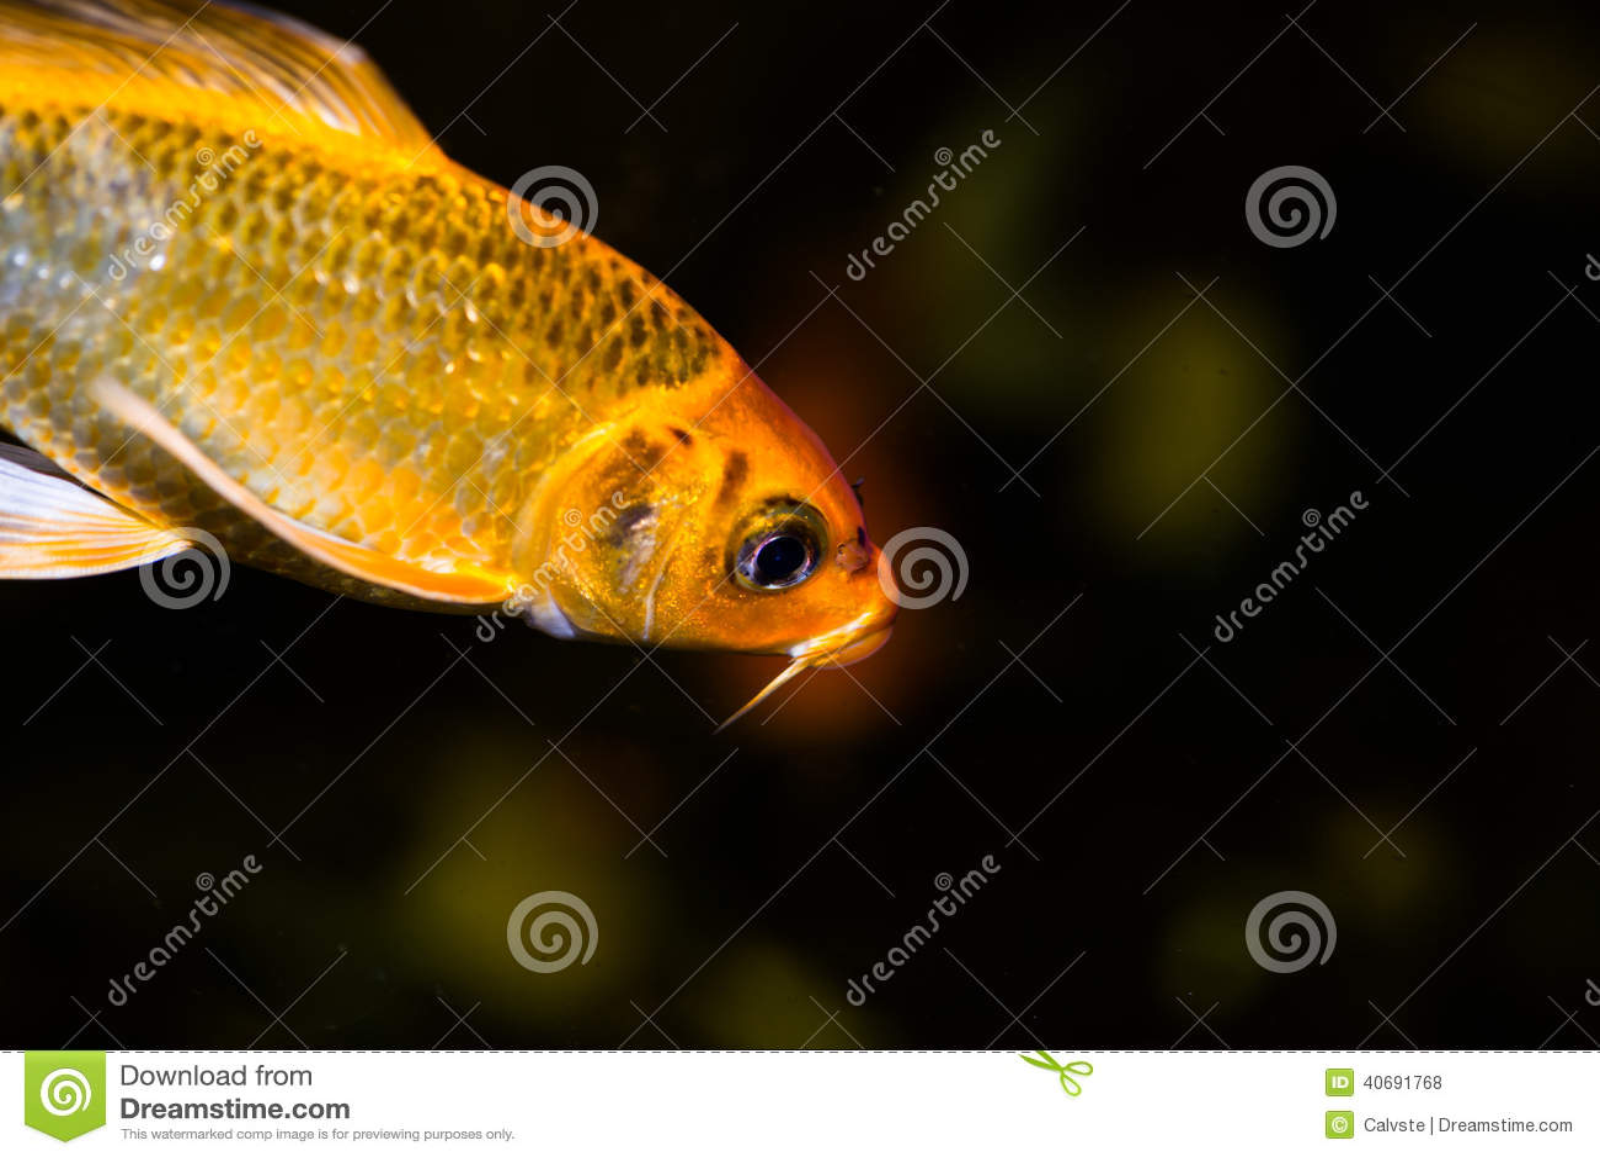 Koi fish in an aquarium stock photo image 40691768 for Koi carp aquarium